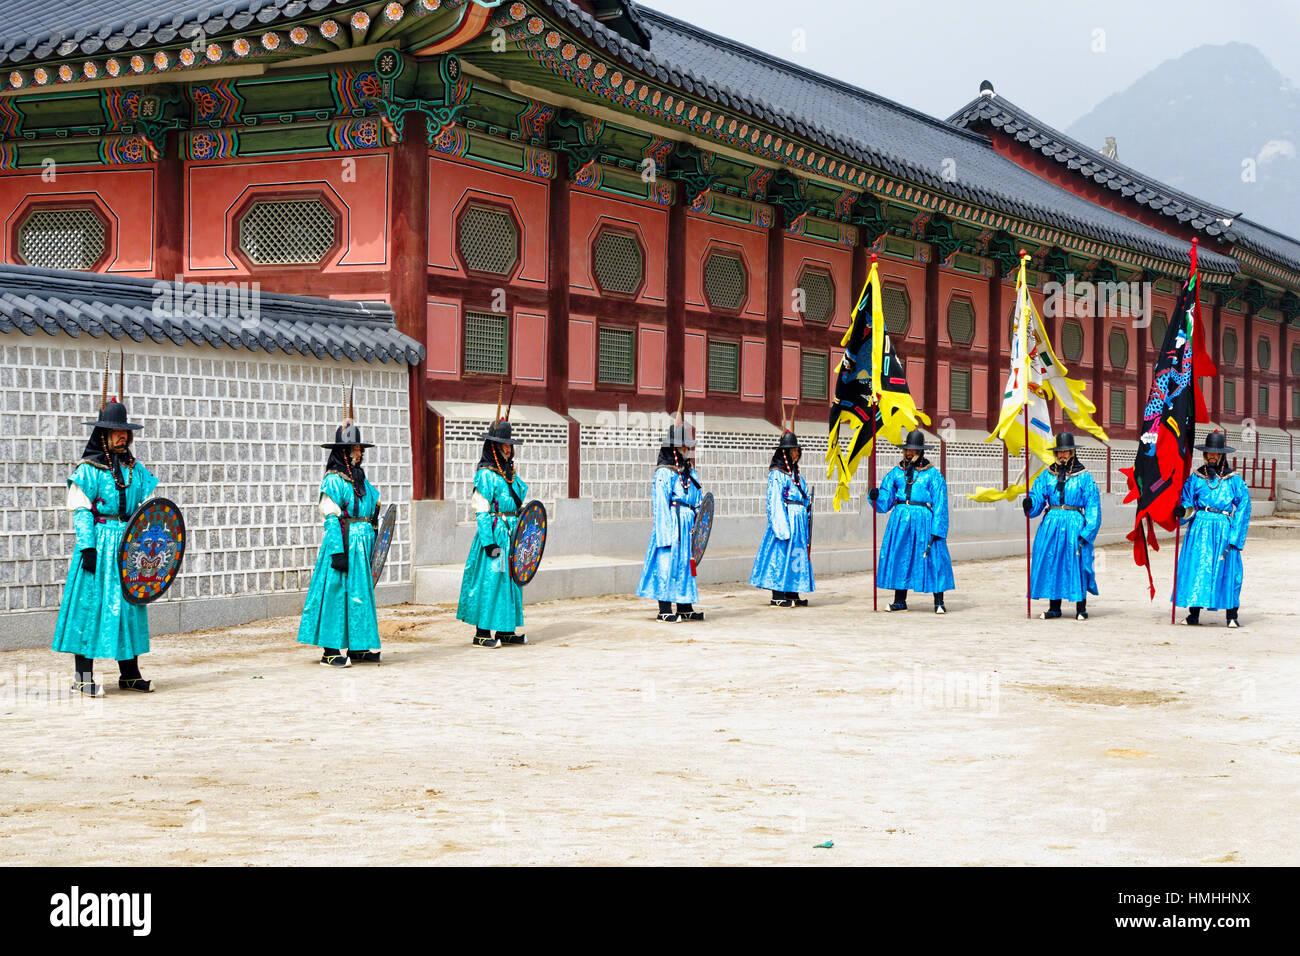 Relève de la Garde Cérémonie, Gyeongbokgung, Séoul, Corée du Sud Photo Stock